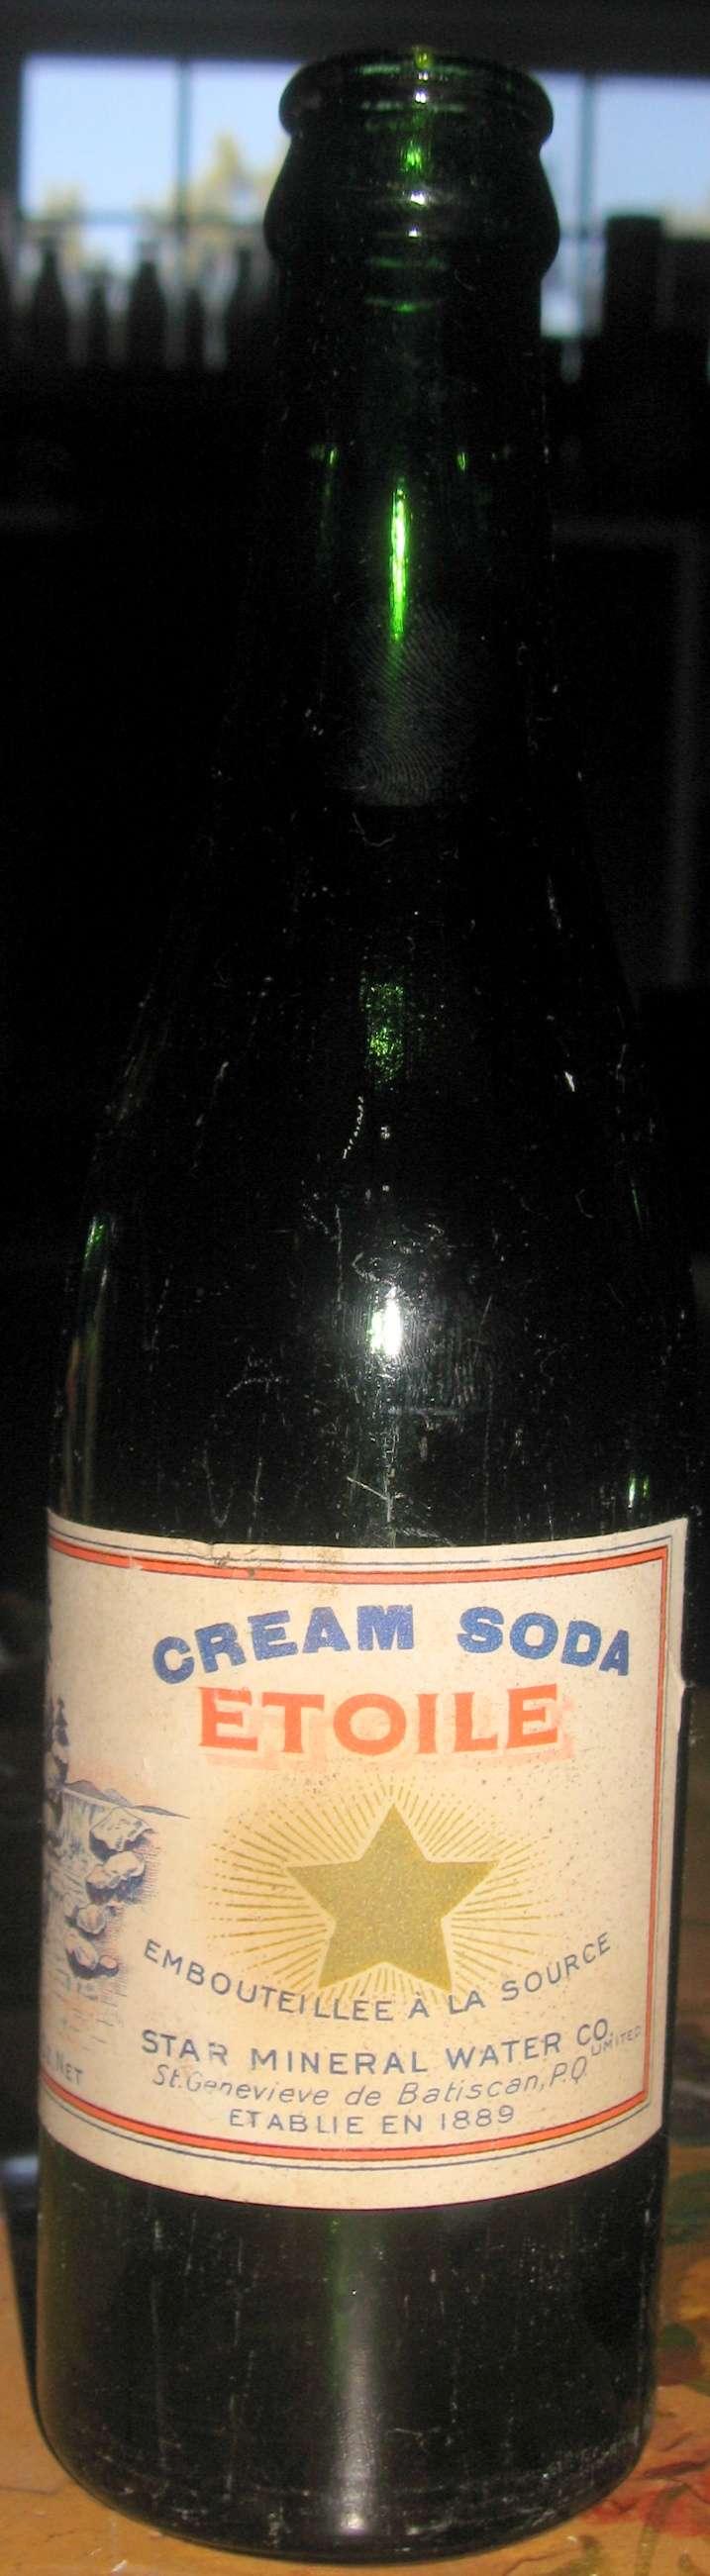 cream soda etoile  10 oz  Etoile13